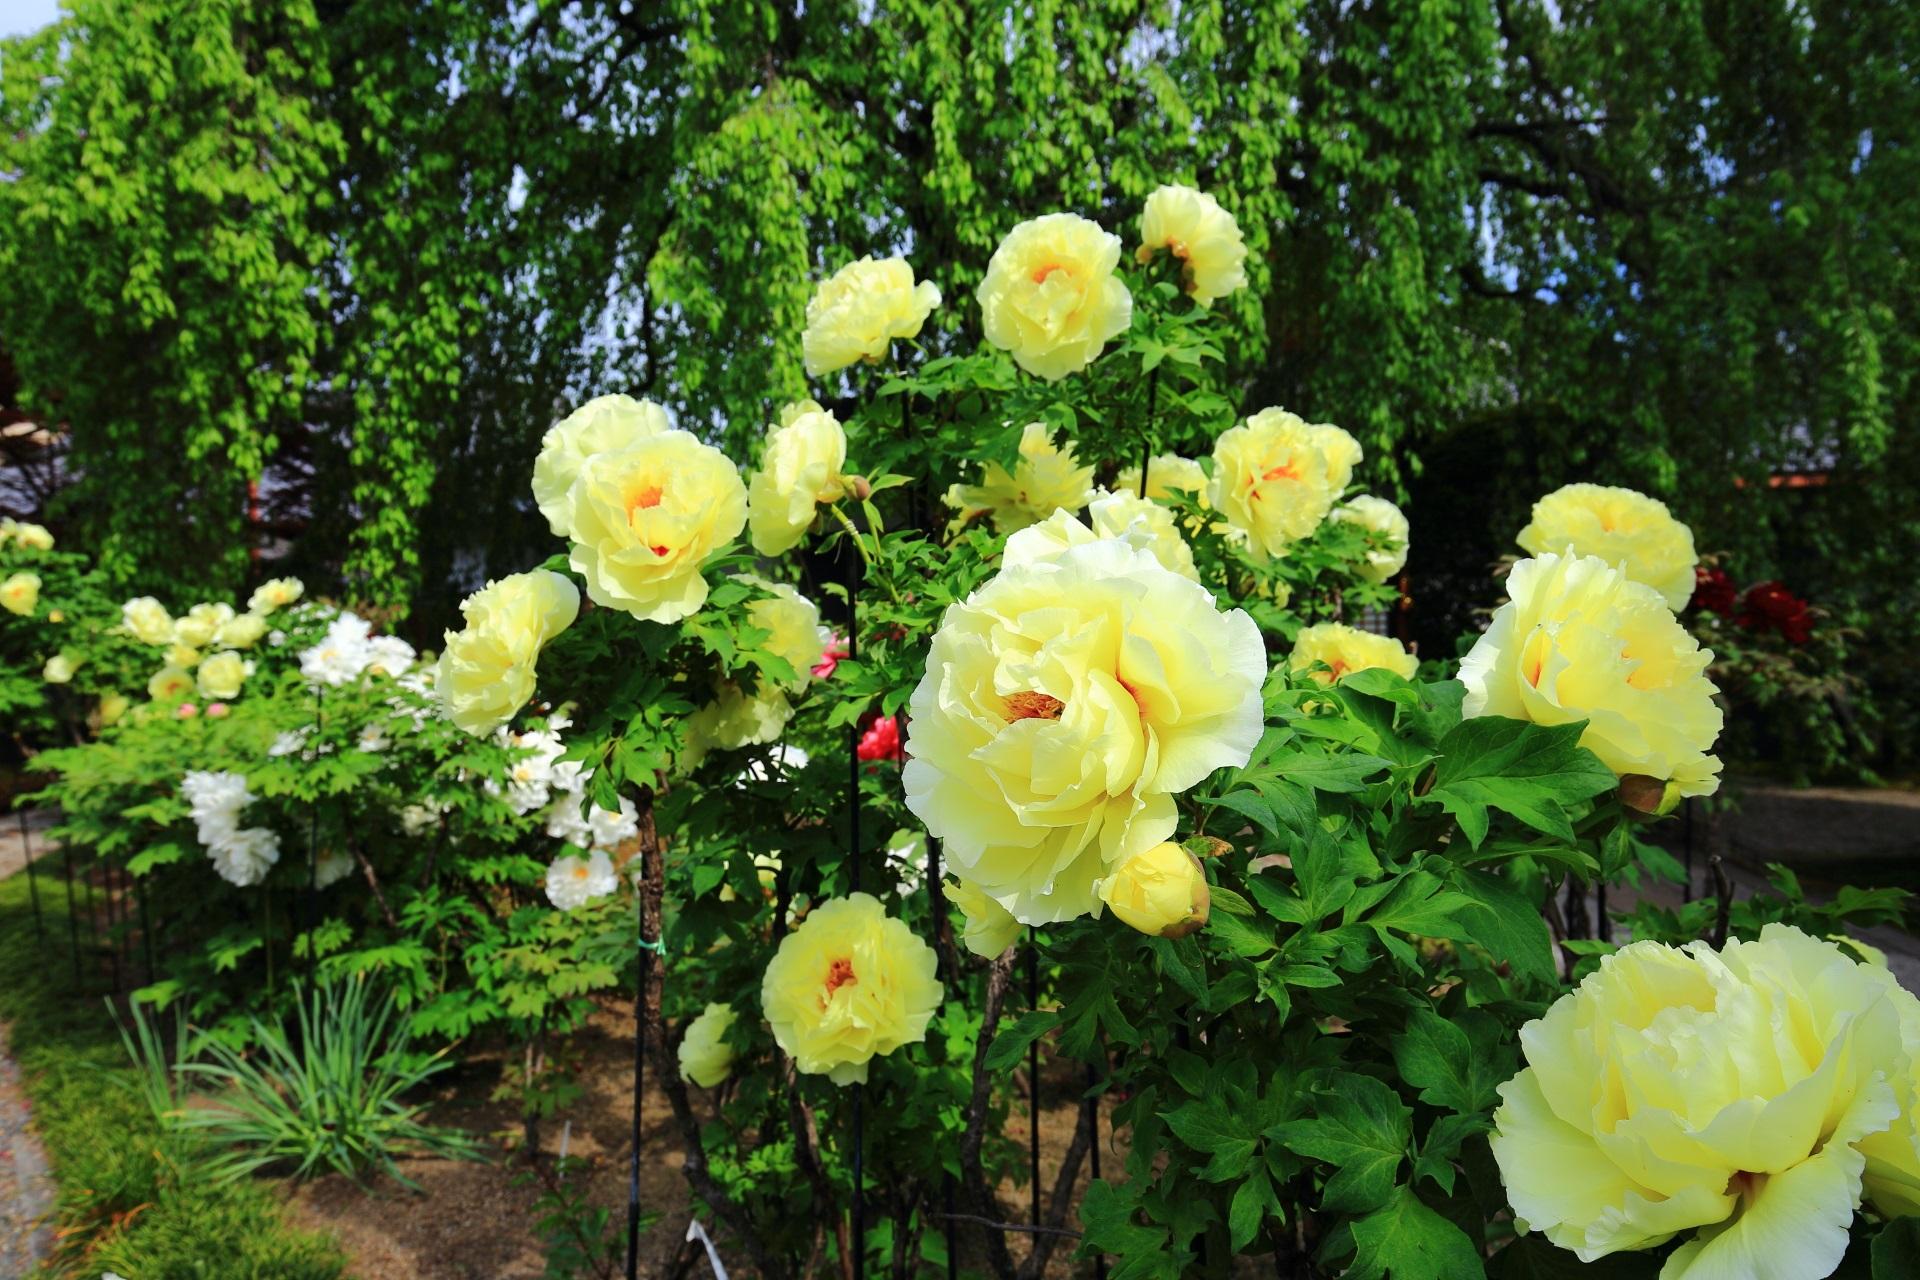 まず目に付く黄色い大きな牡丹の花